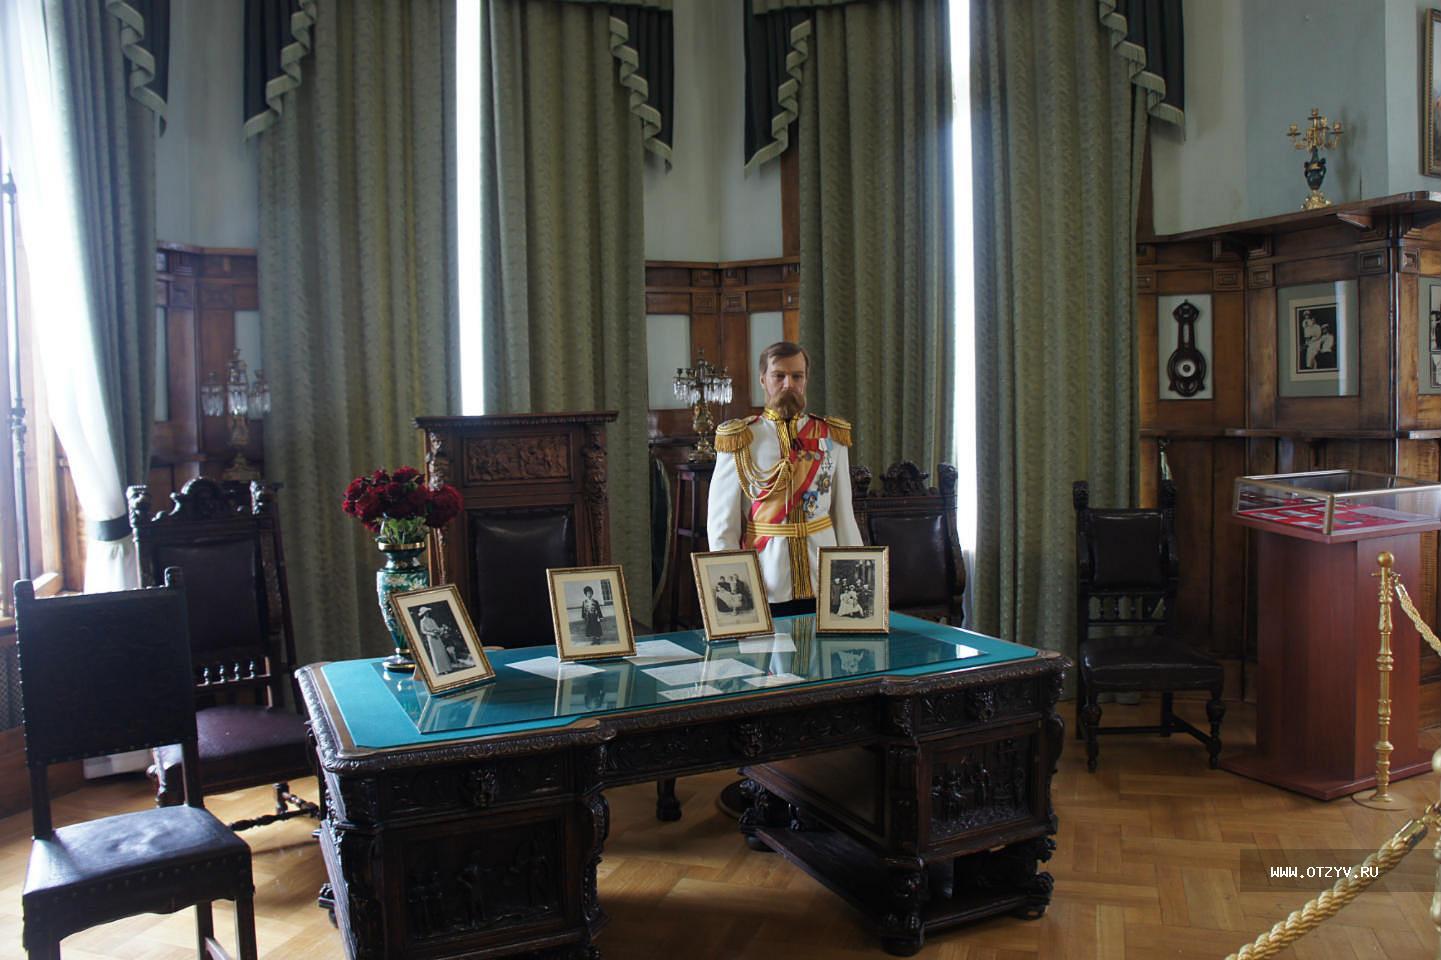 Ливадийский дворец в крыму фото внутри